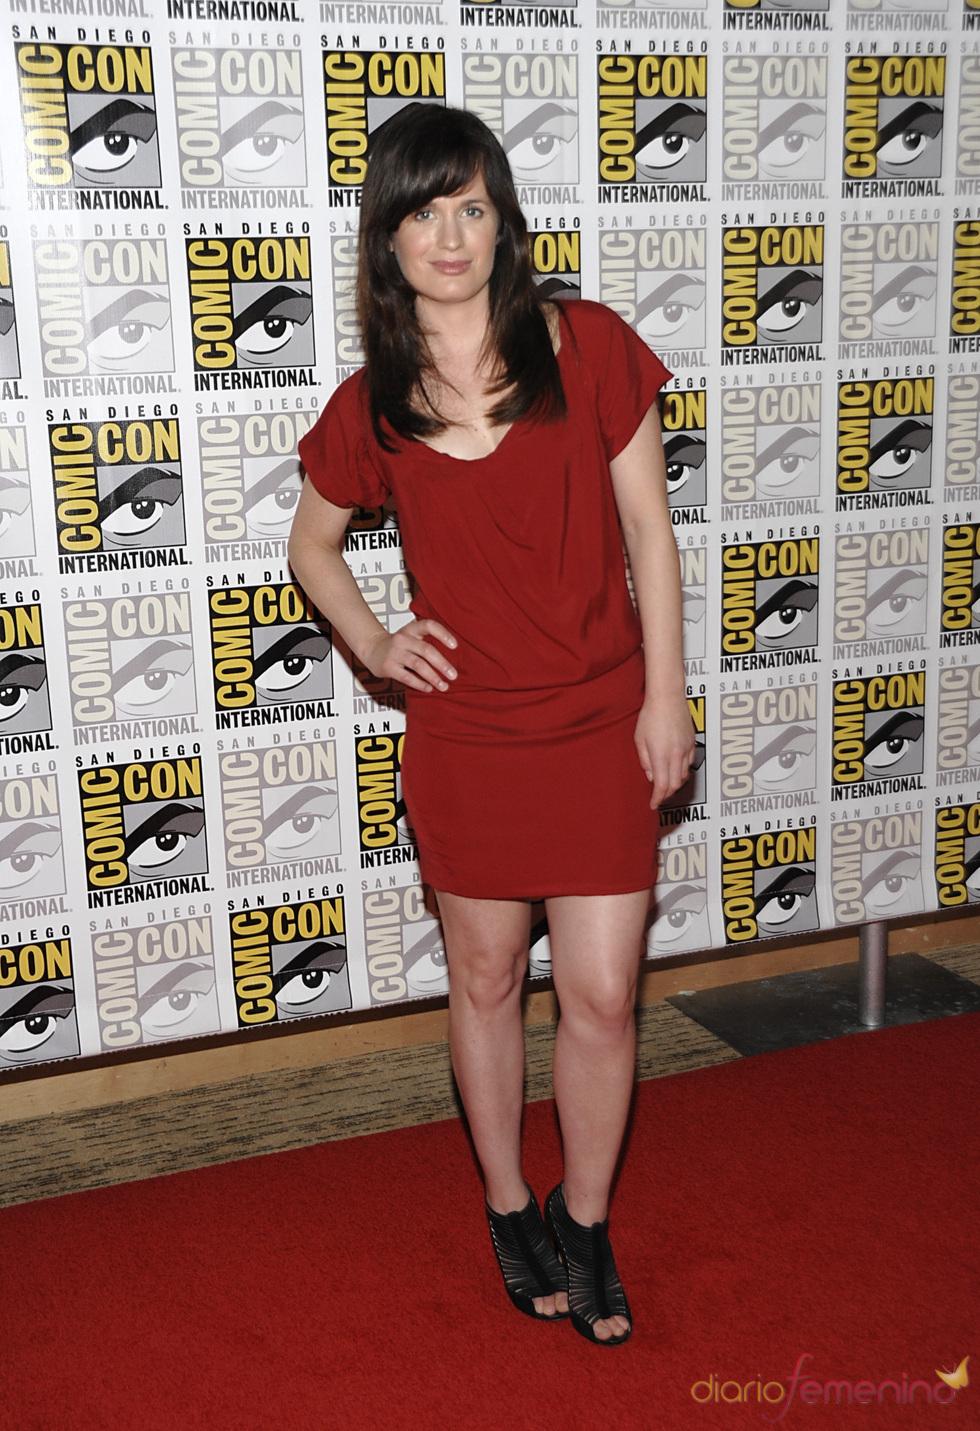 Elizabeth Reaser en el Comic Con 2011